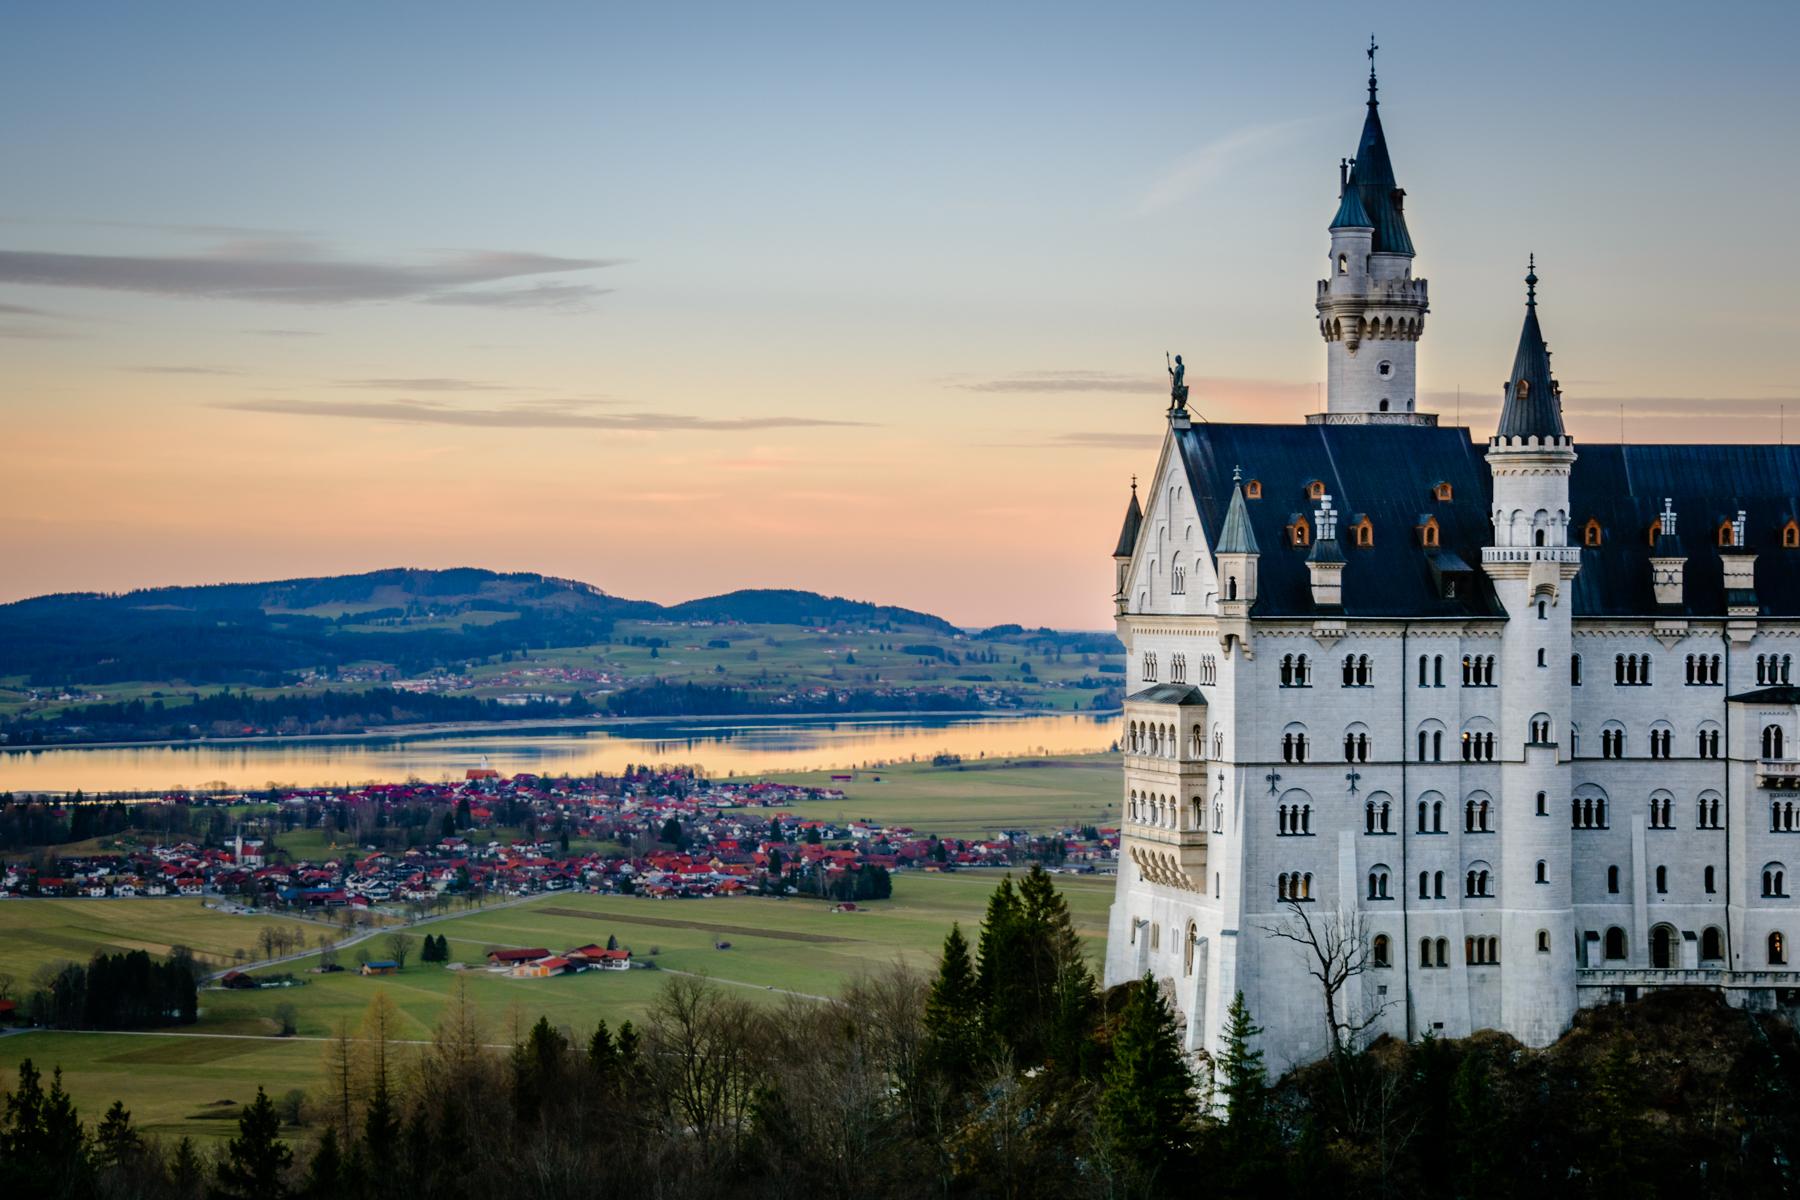 Neuschwanstein and more ......